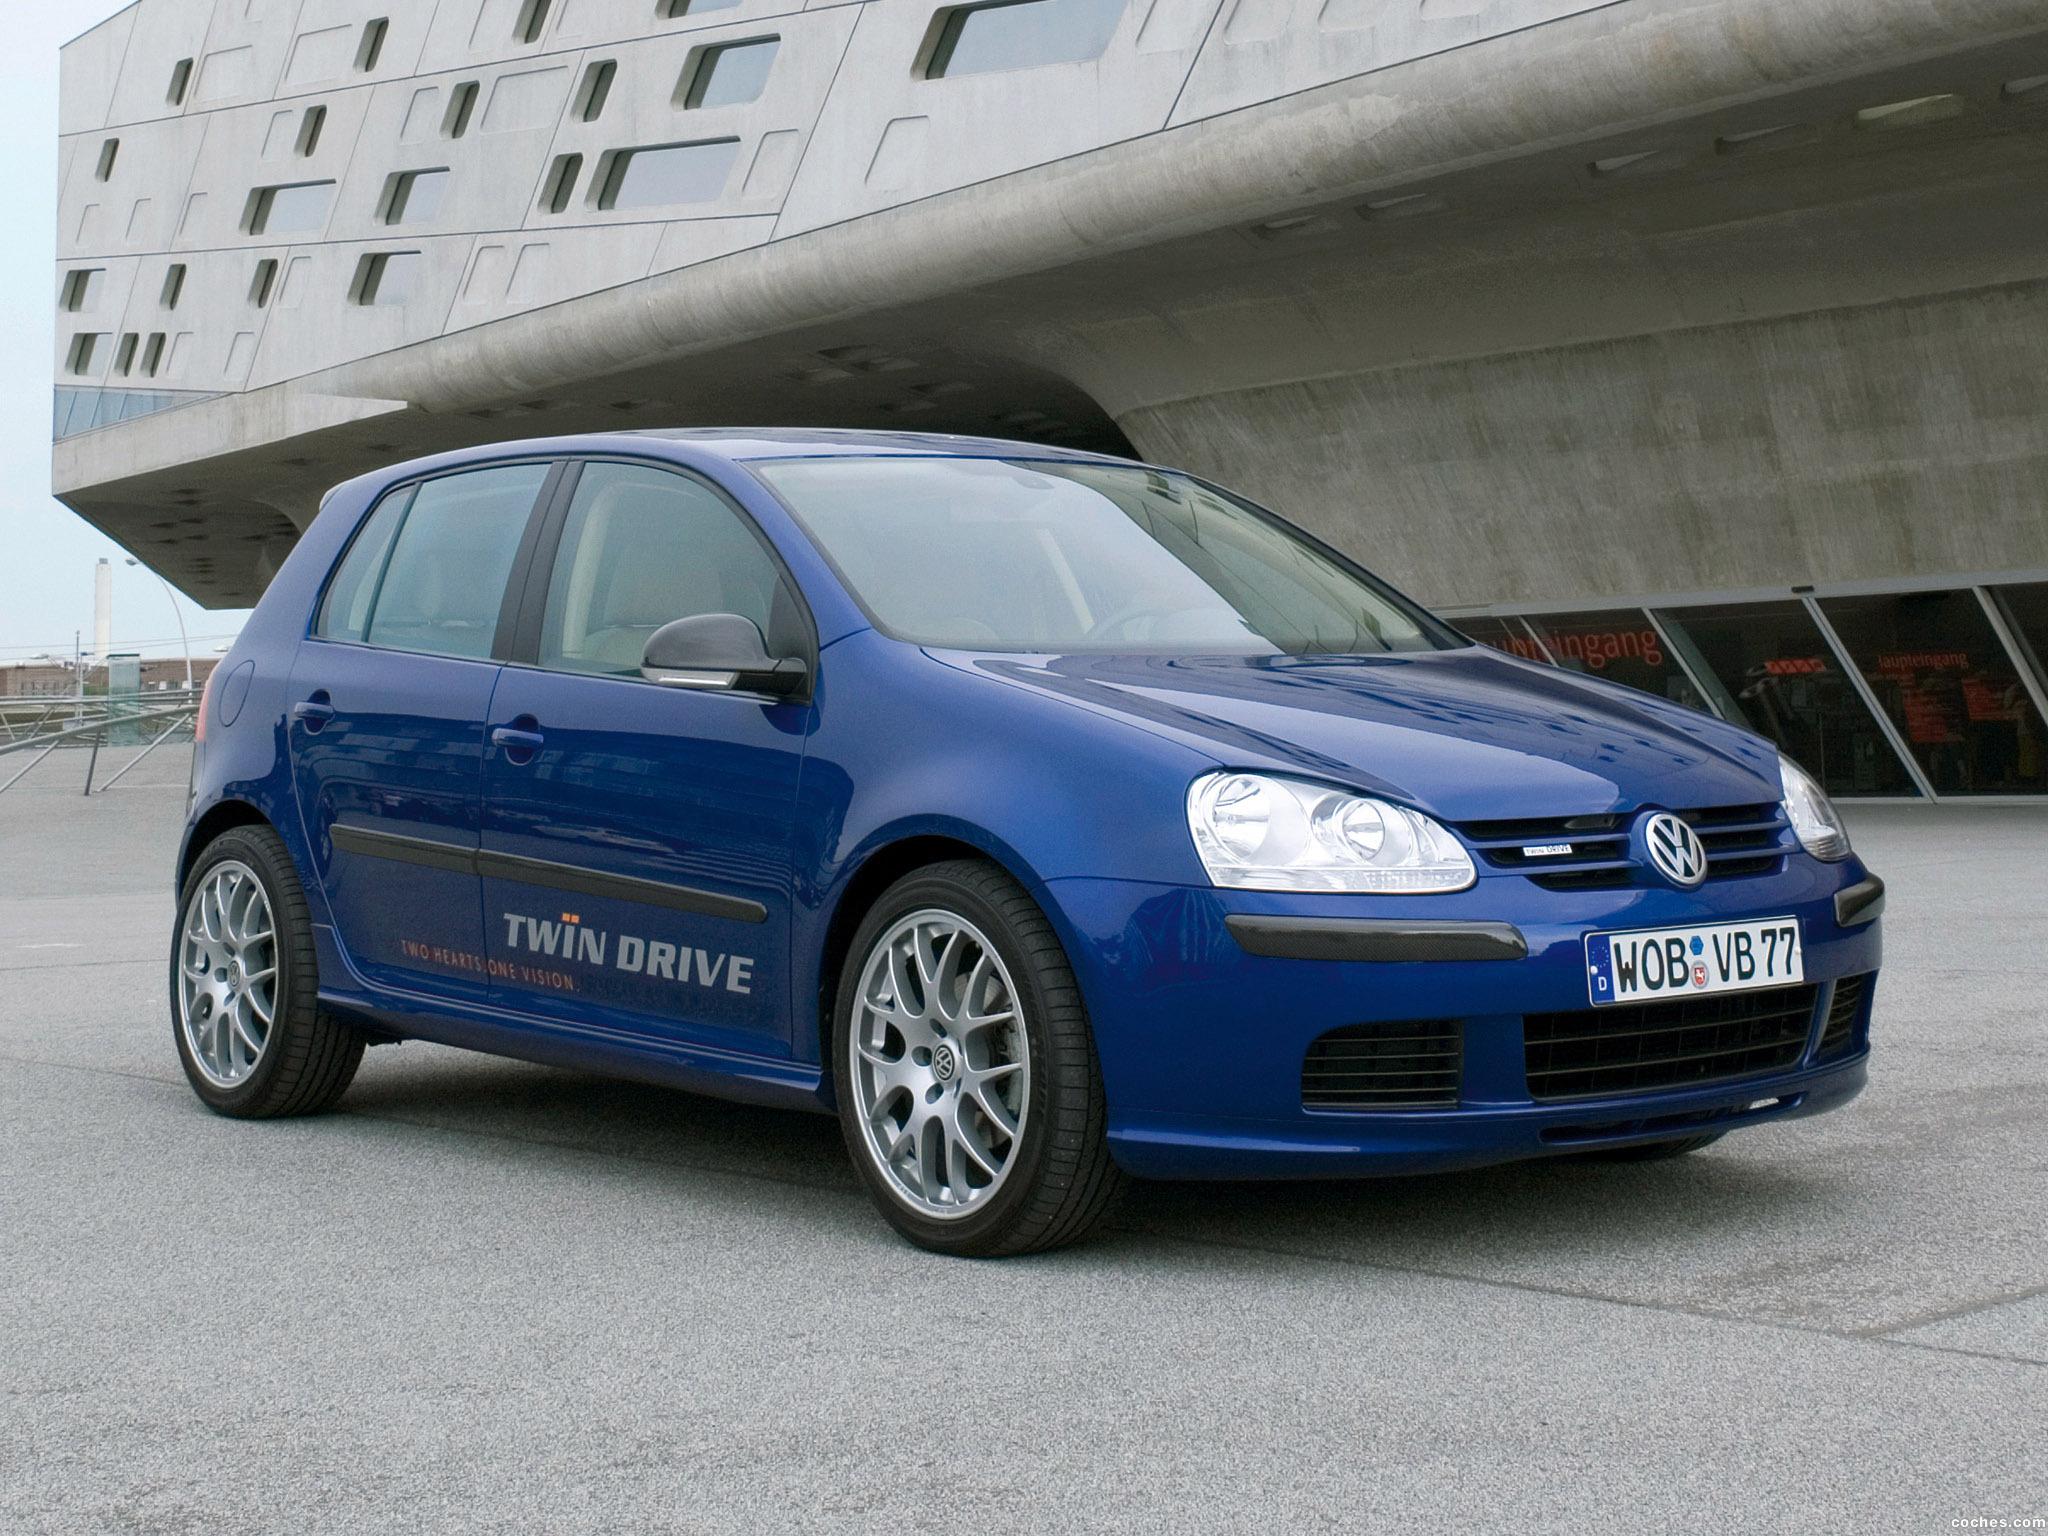 Foto 0 de Volkswagen Golf TwinDrive Concept 2008